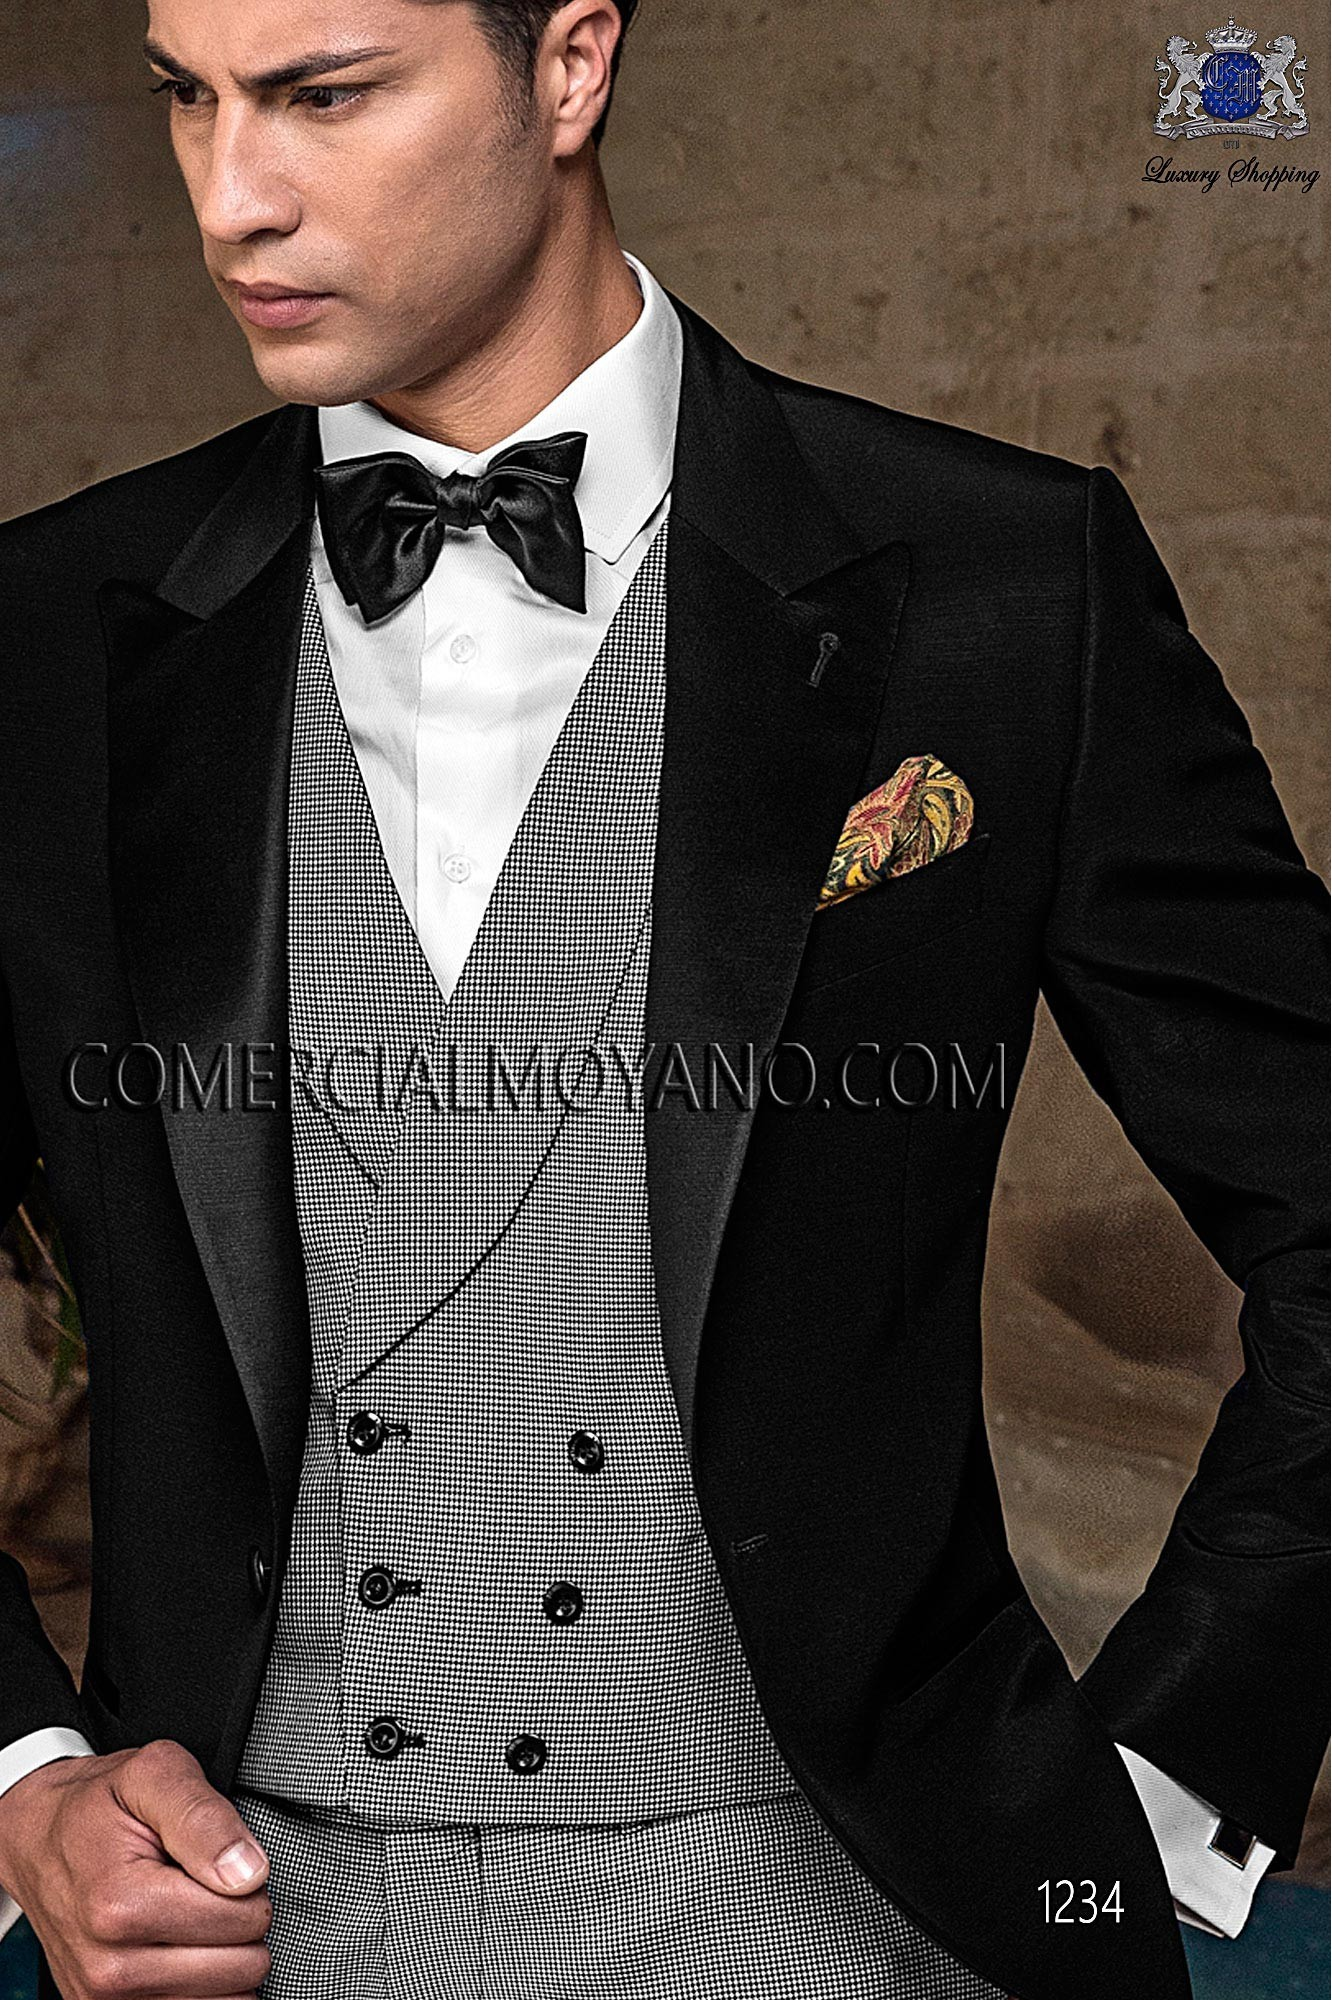 Traje BlackTie de novio negro modelo: 1234 Ottavio Nuccio Gala colección Black Tie